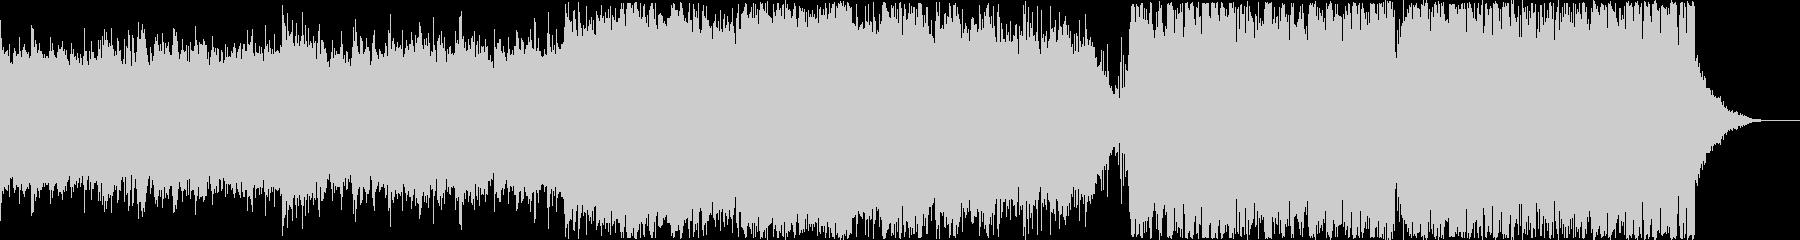 ギターリフが特徴的なキレイめEDMの未再生の波形